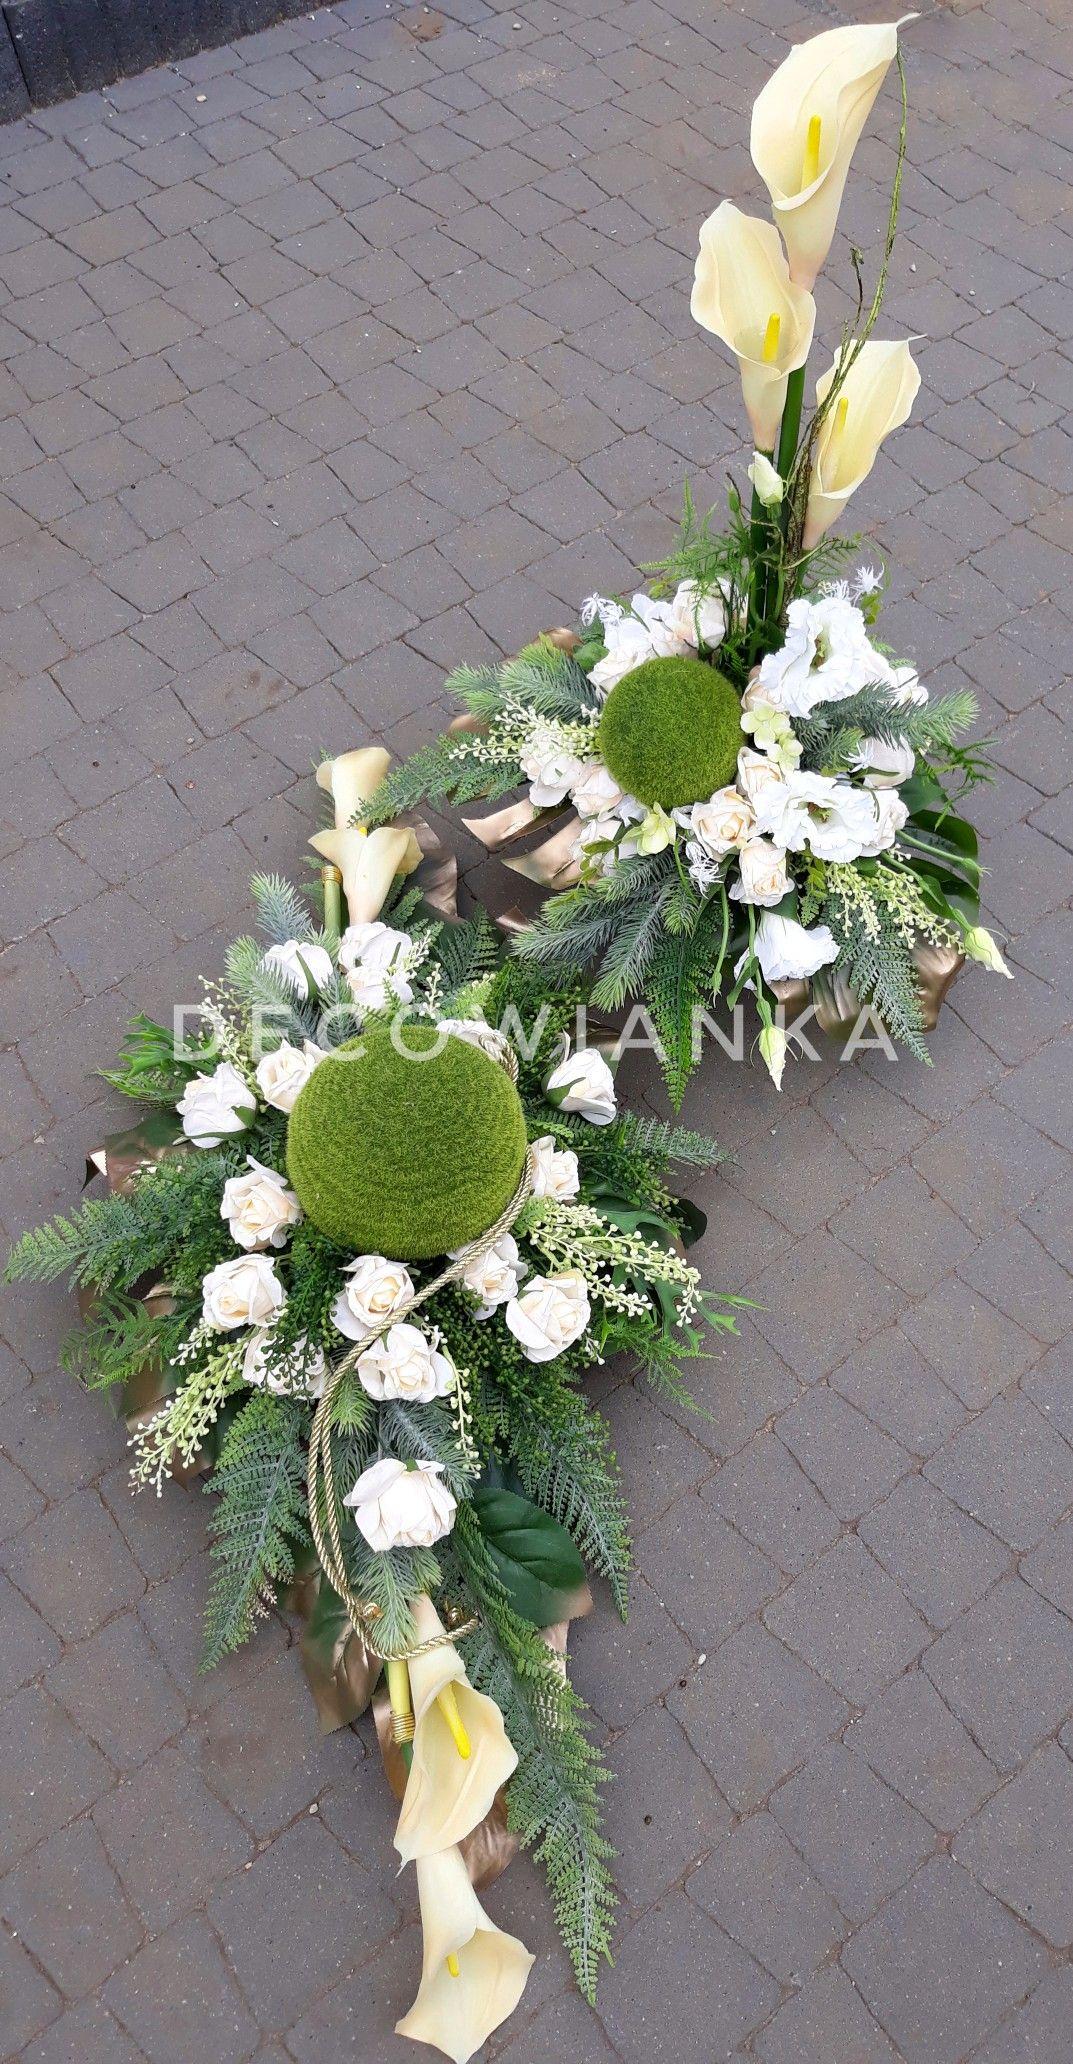 Kompozycja Nagrobna W Zestawie Z Dominacja Zlota I Zieleni Z Nutka Bieli Funeral Flower Arrangements Church Flower Arrangements Funeral Floral